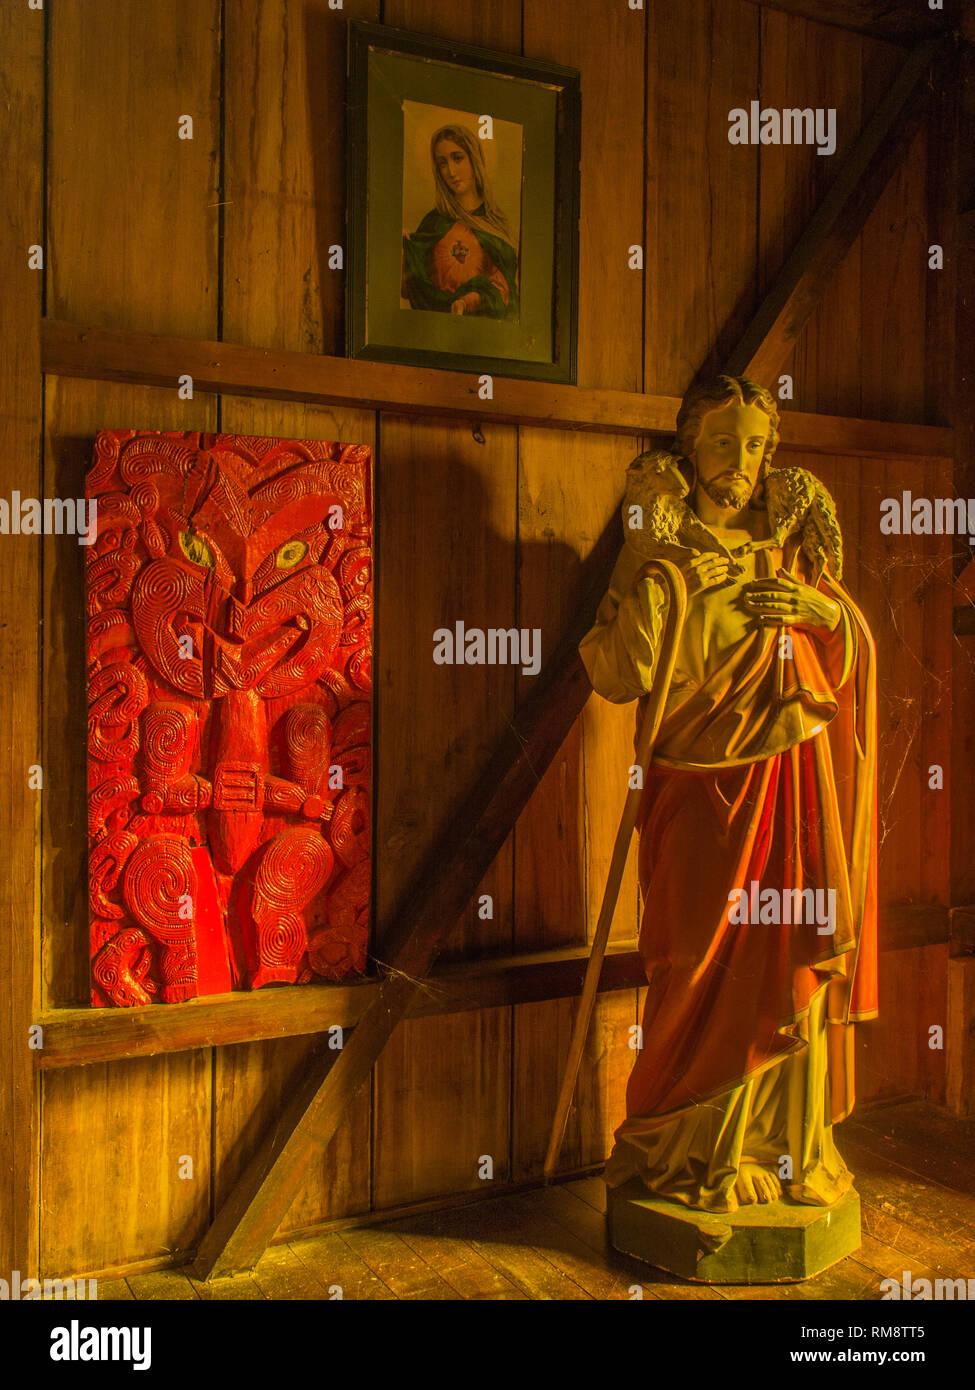 Maori Schnitzereien und die Statue von Christus, dem Guten Hirten, mellow goldenes Licht auf Holz verkleideten Wänden, Kirche, Pepara Koriniti Marae, Whanganui Stockbild